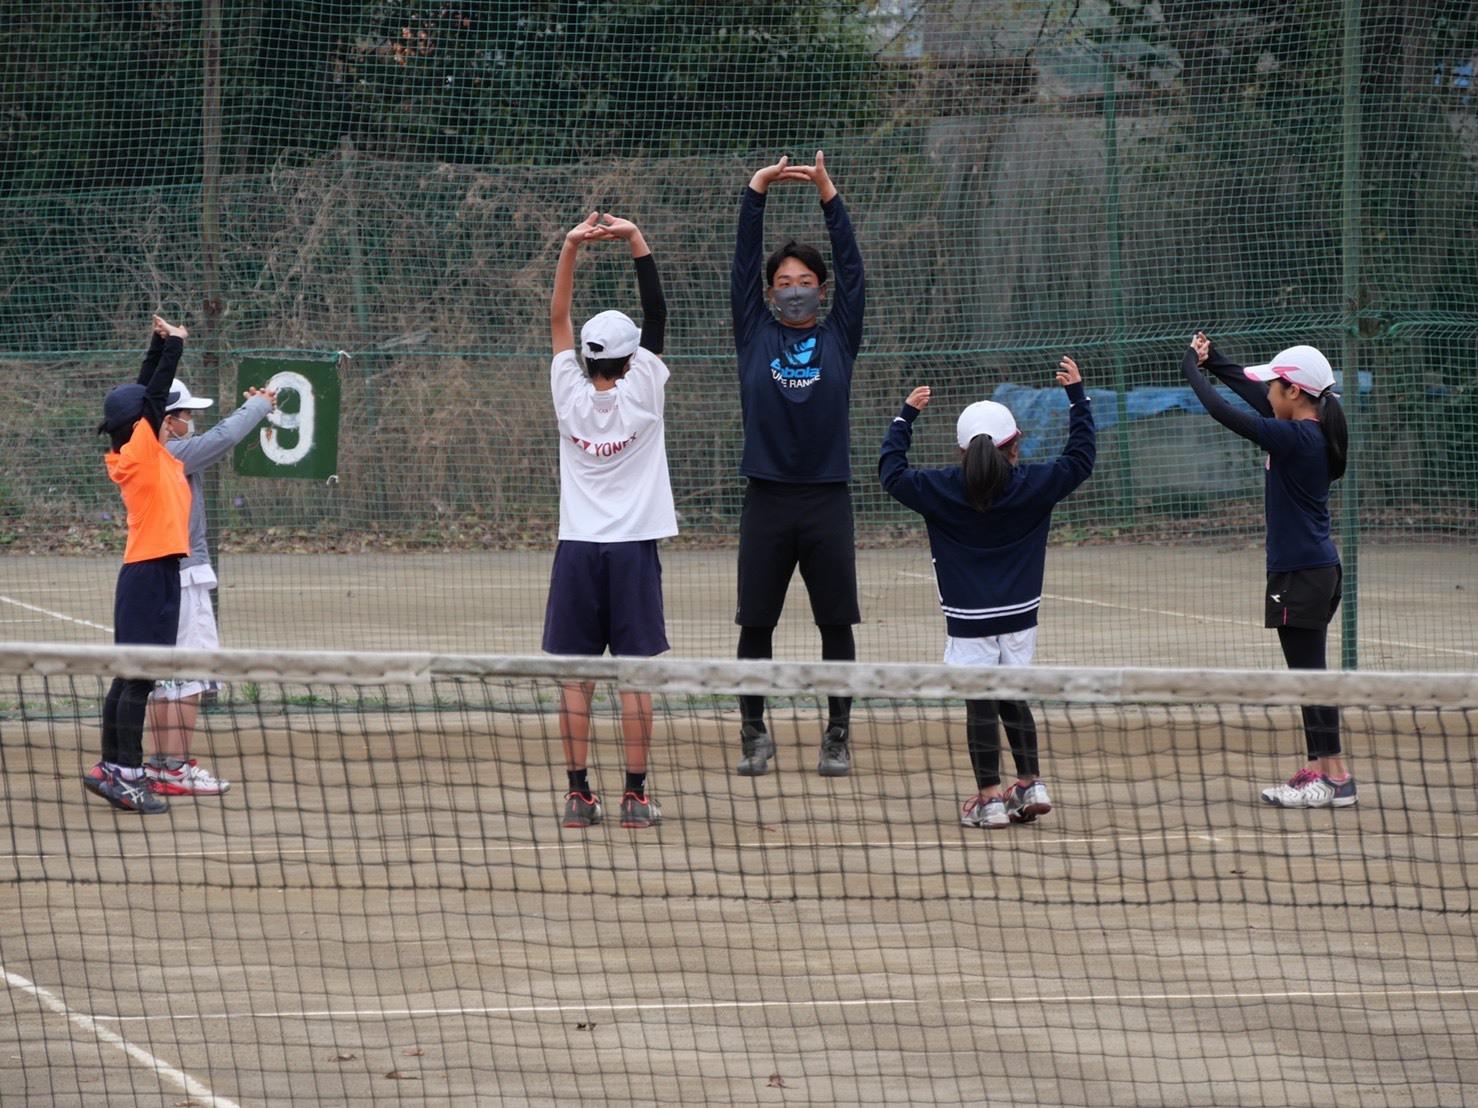 むさしの村ローンテニスクラブ交流会 正林知大プロとジュニア選手